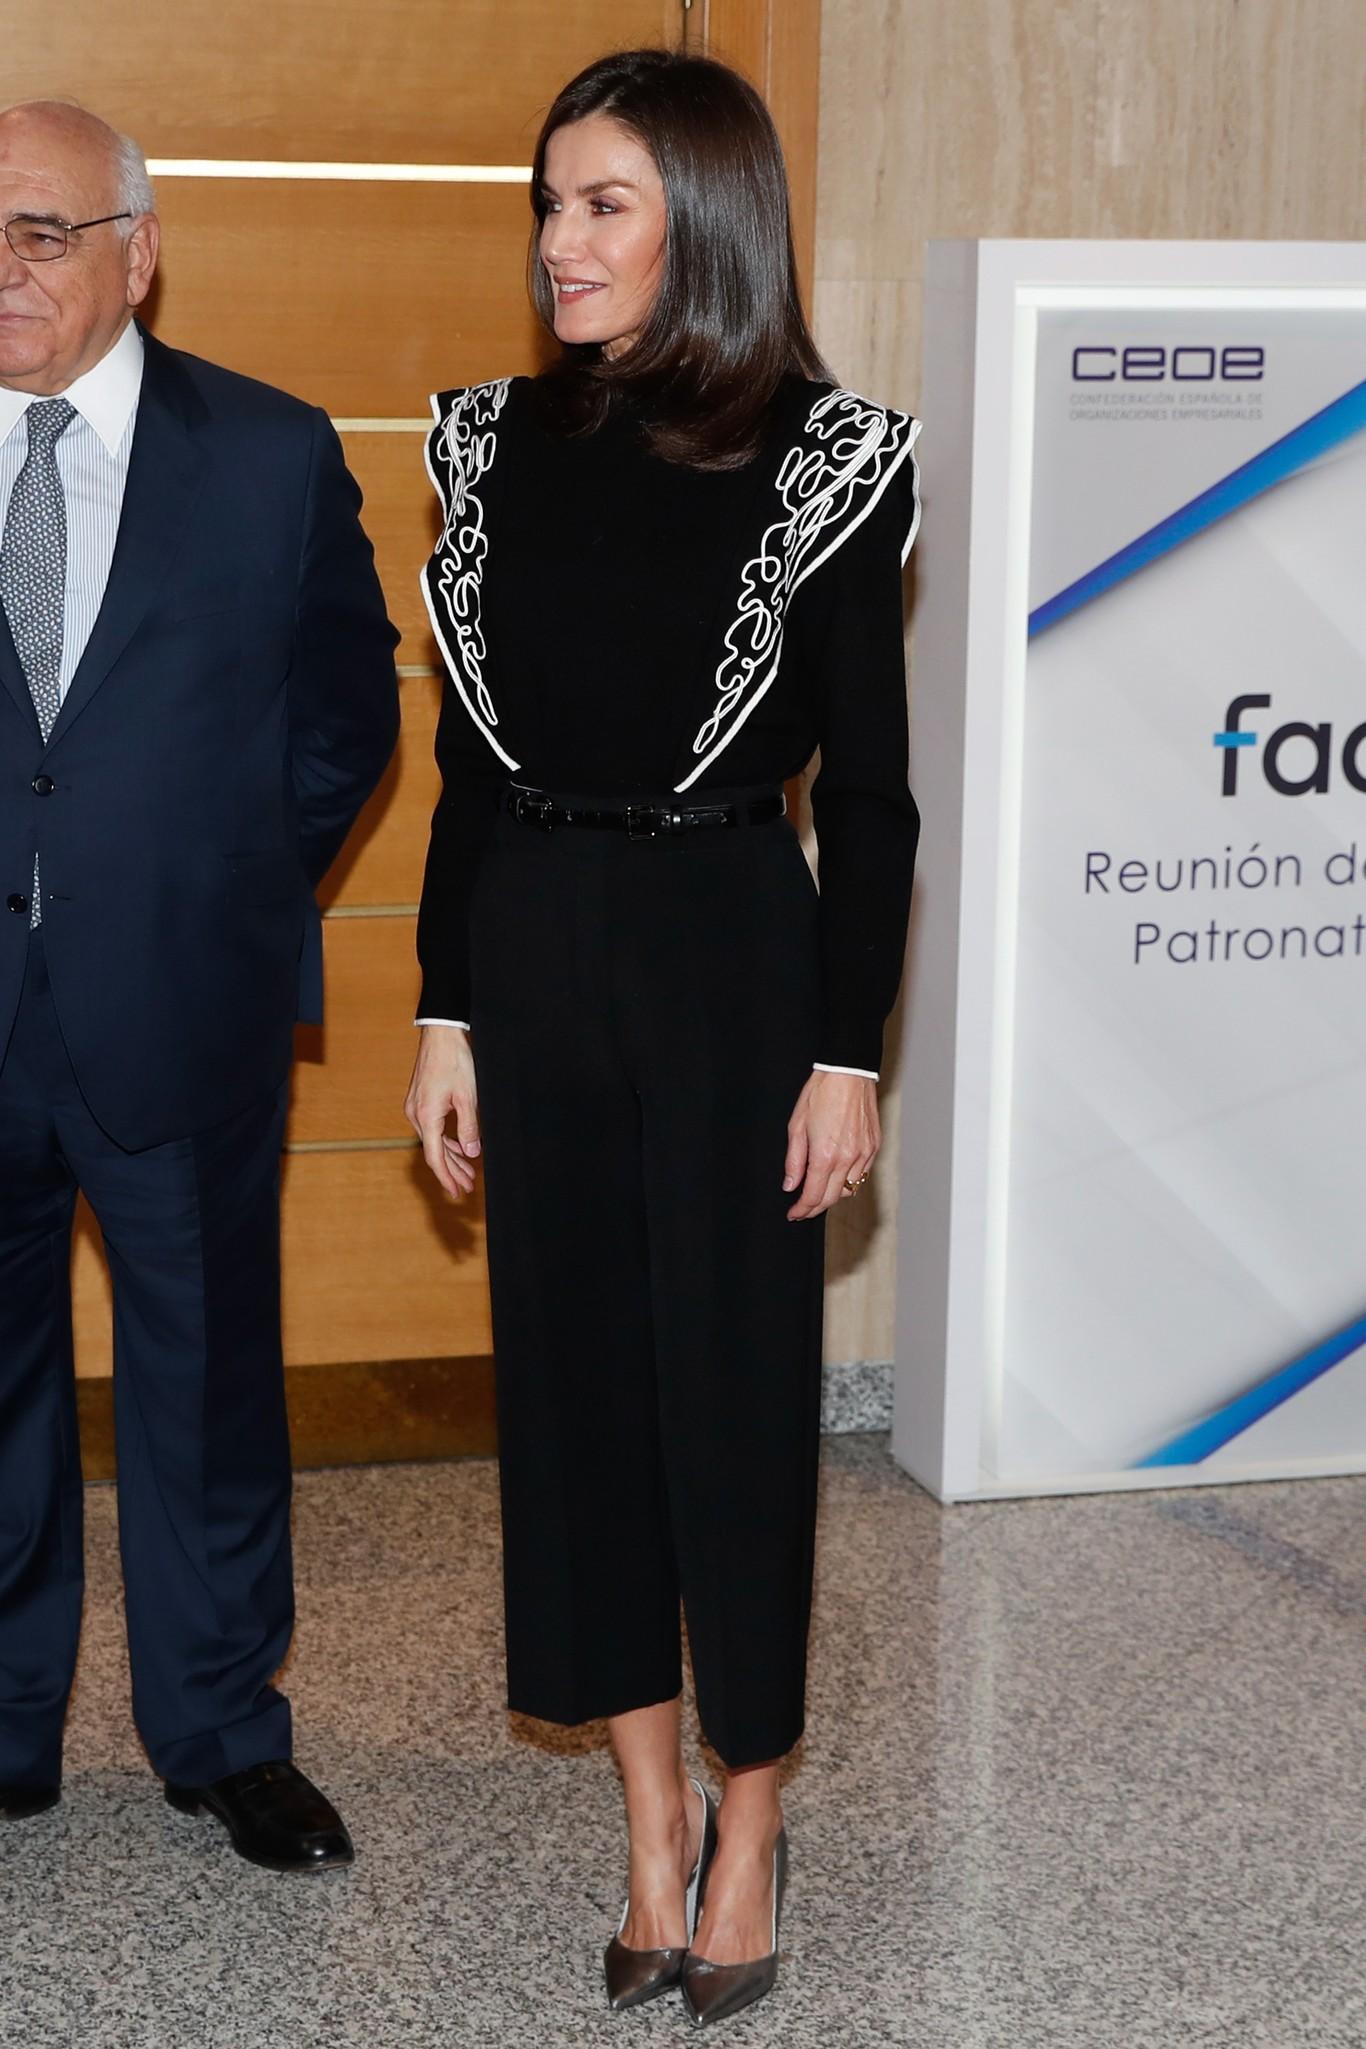 La reina Letizia estrena un jersey de Uterqüe con volantes que ya está agotado